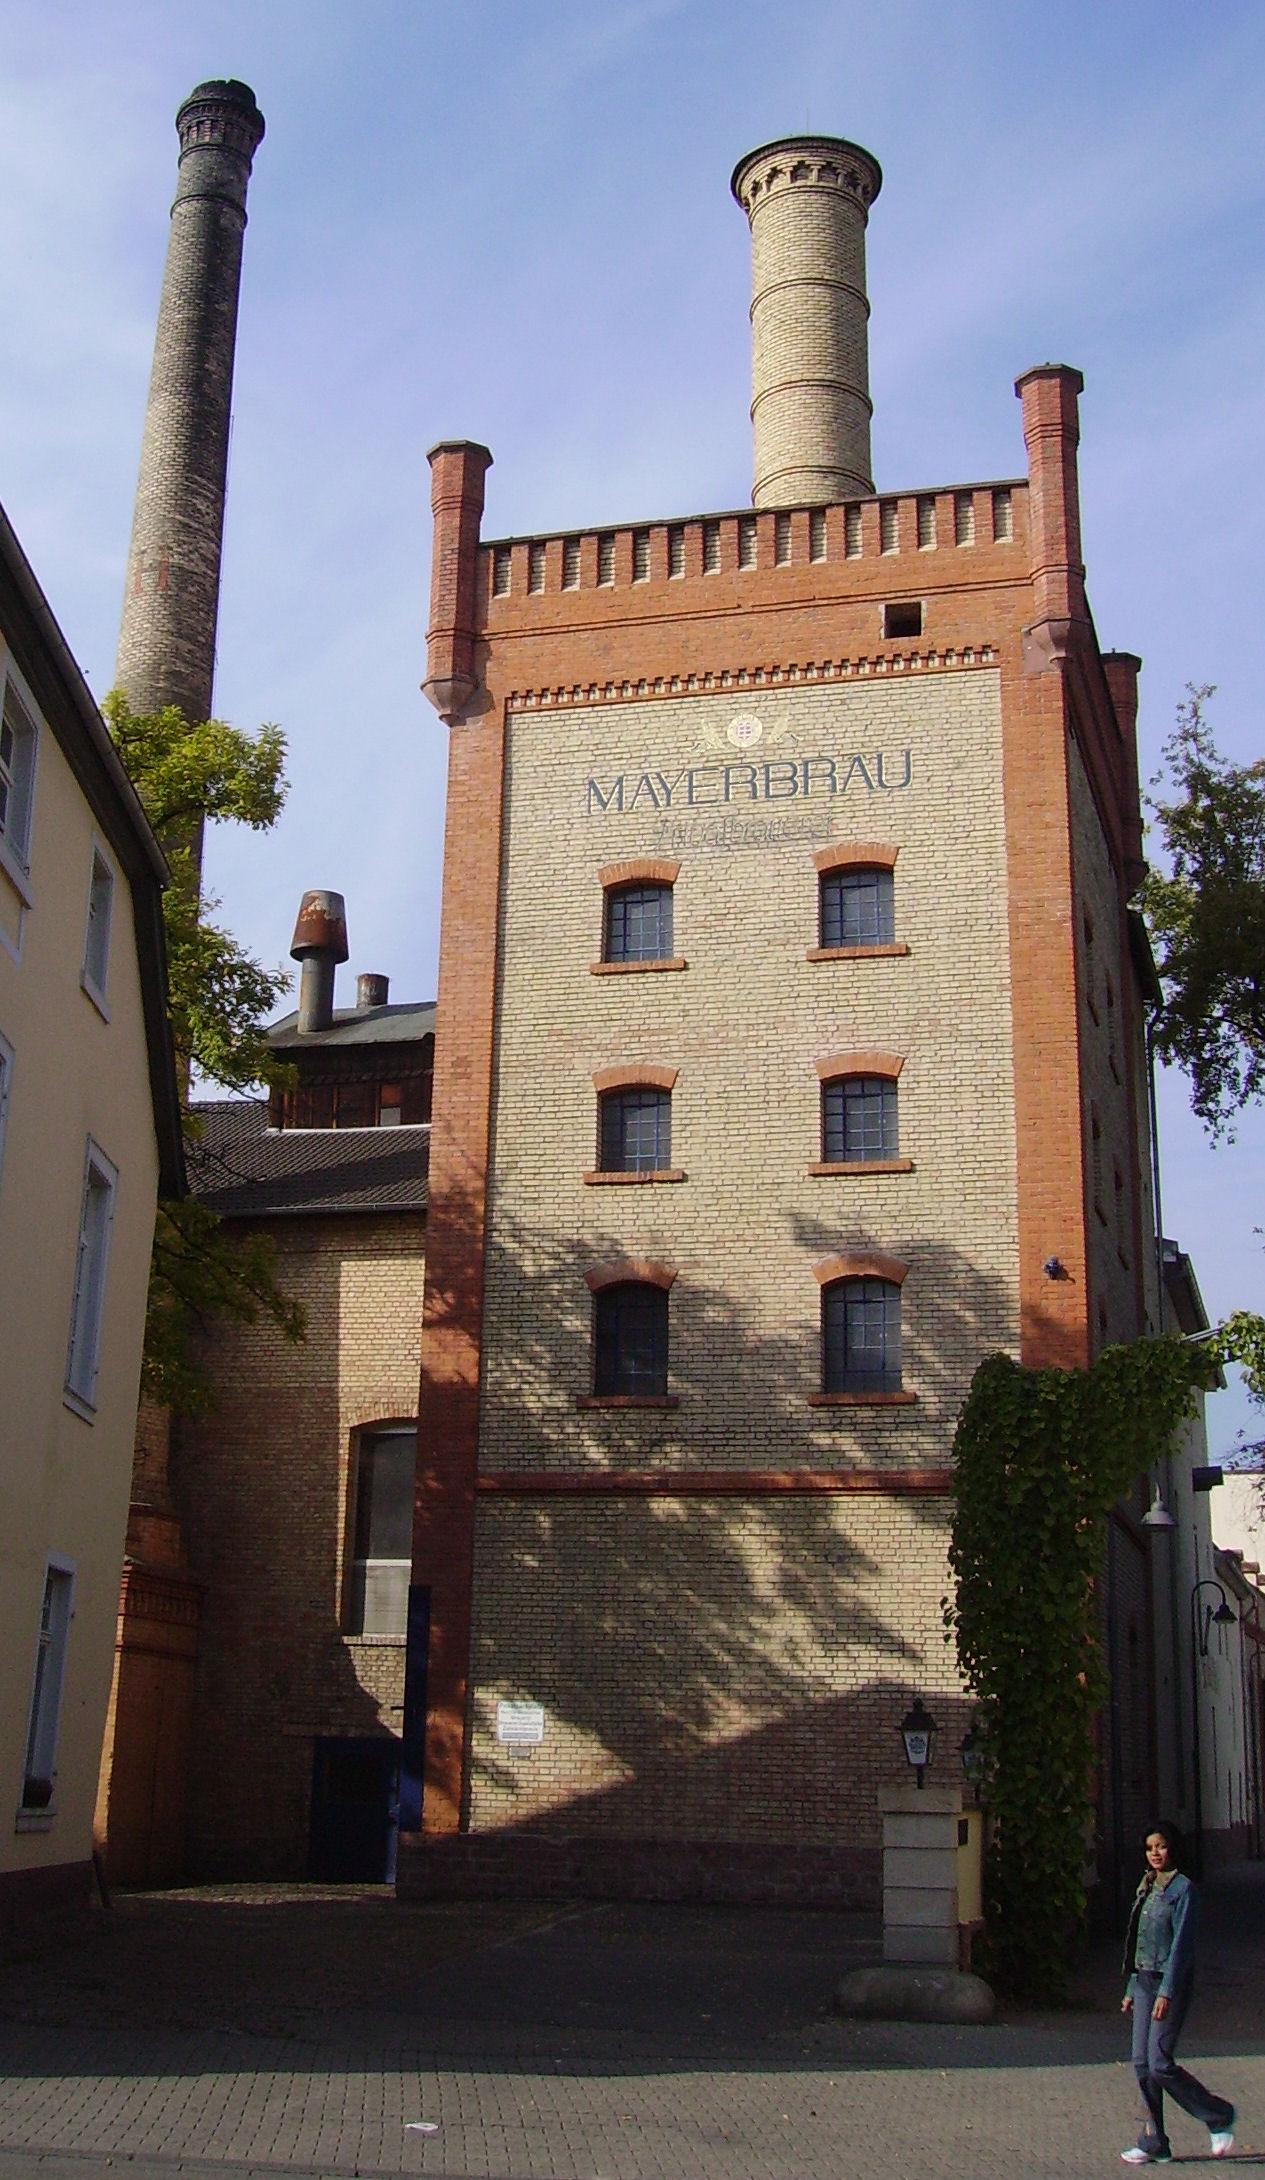 FileLudwigshafenOggersheim Brauereijpg  Wikimedia Commons